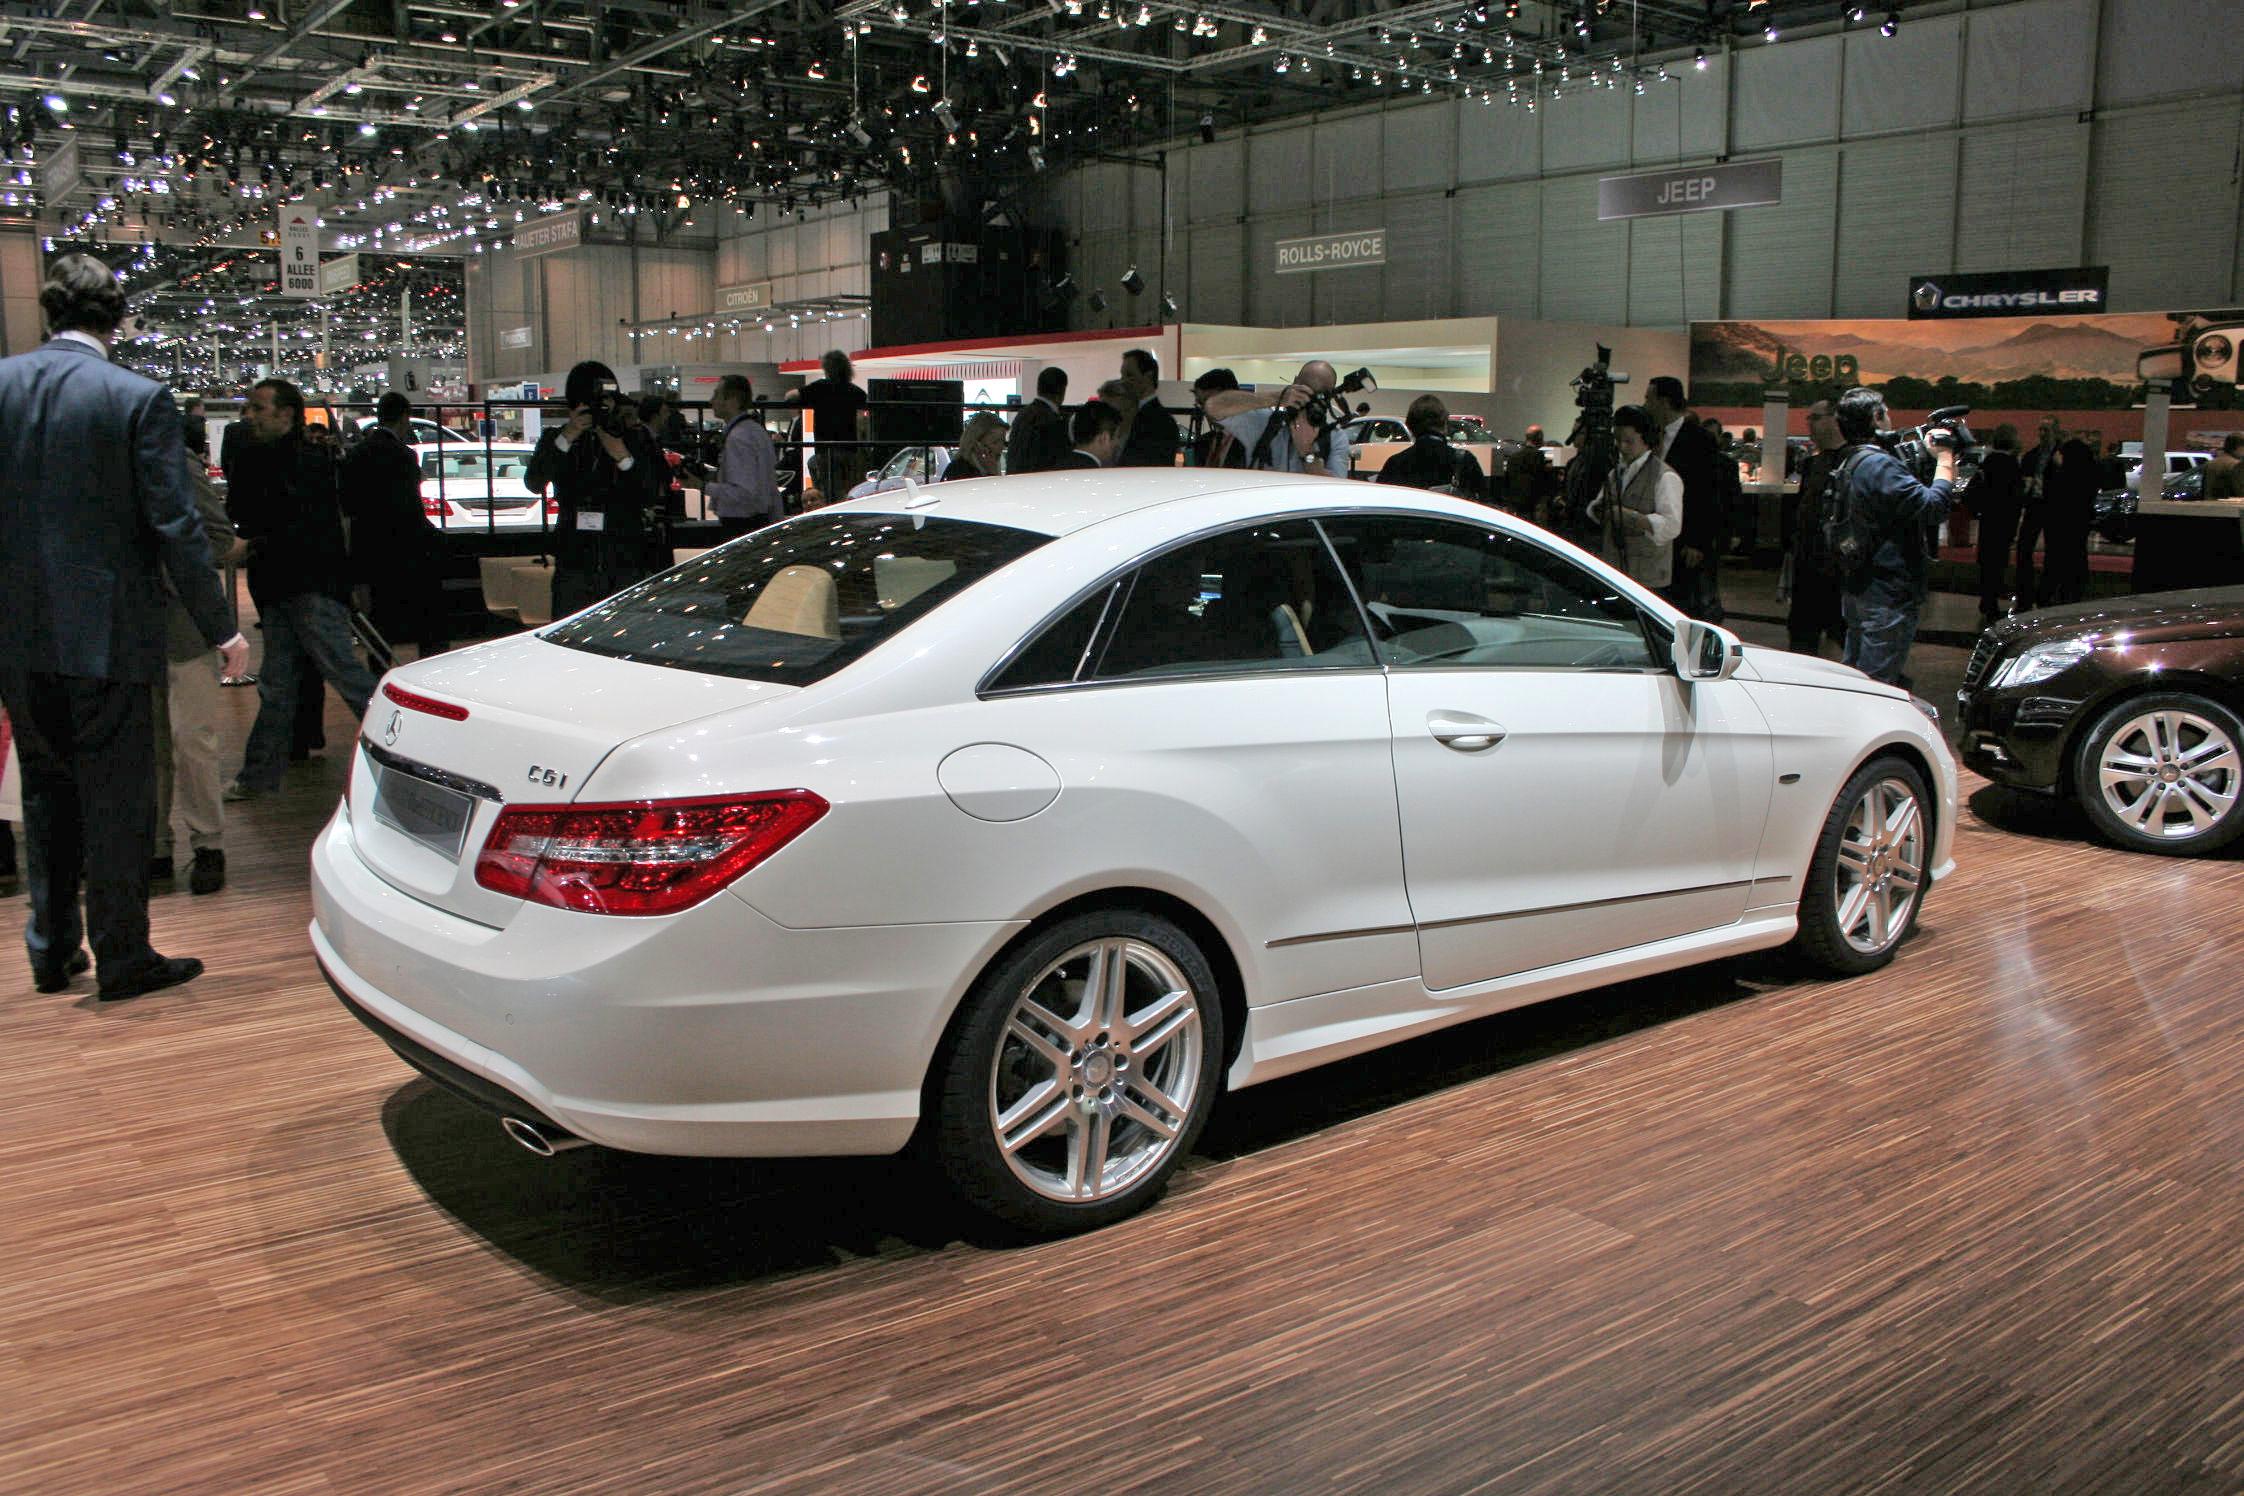 Essai mercedes classe e coup motorlegend - Mercedes classe e 4 coupe ...